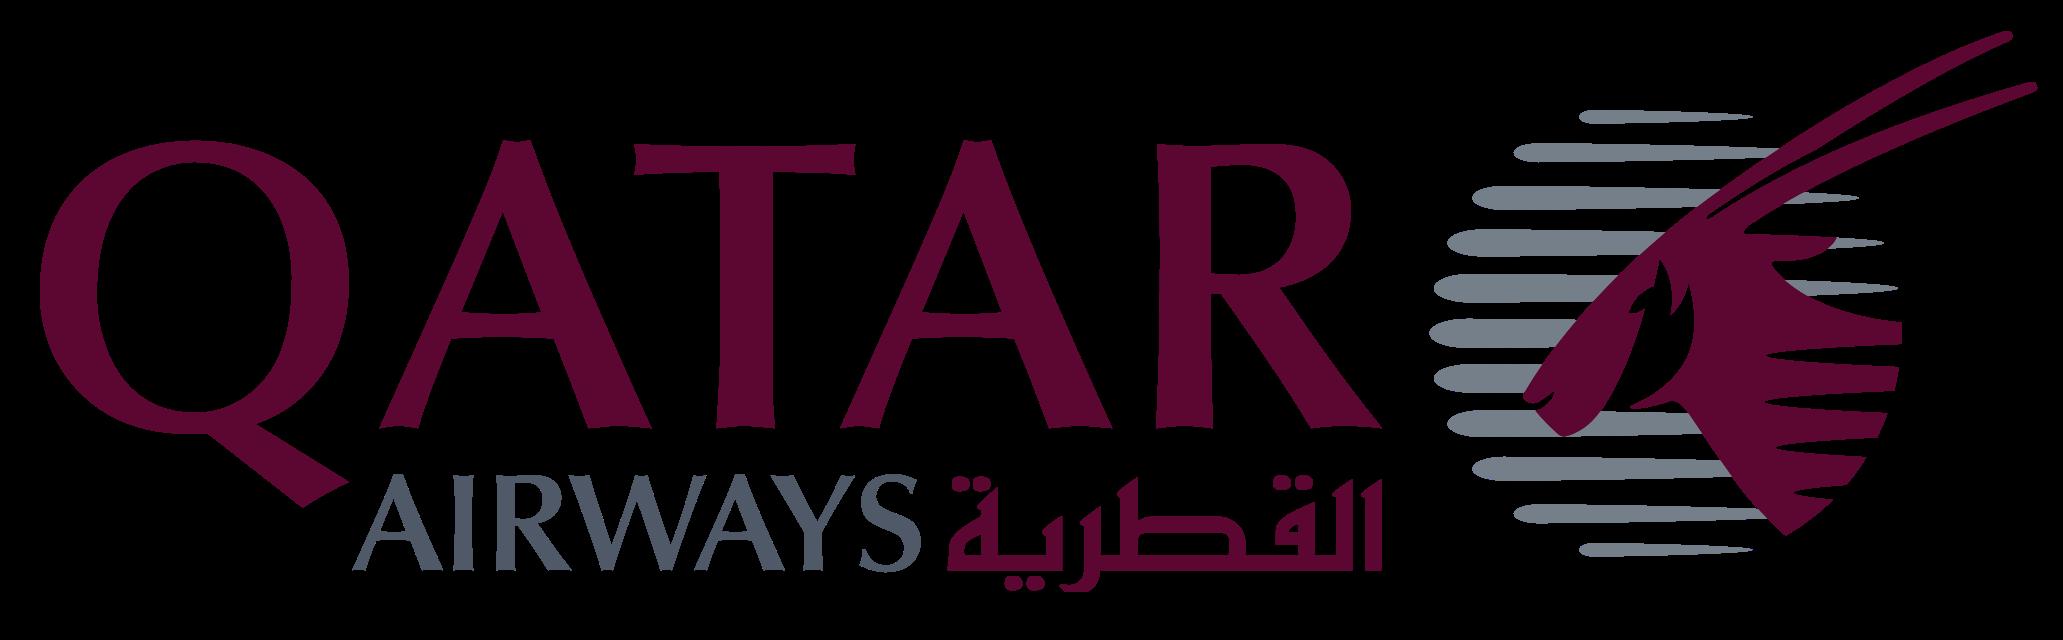 مكاتب وفروع الطيران القطري في عمان